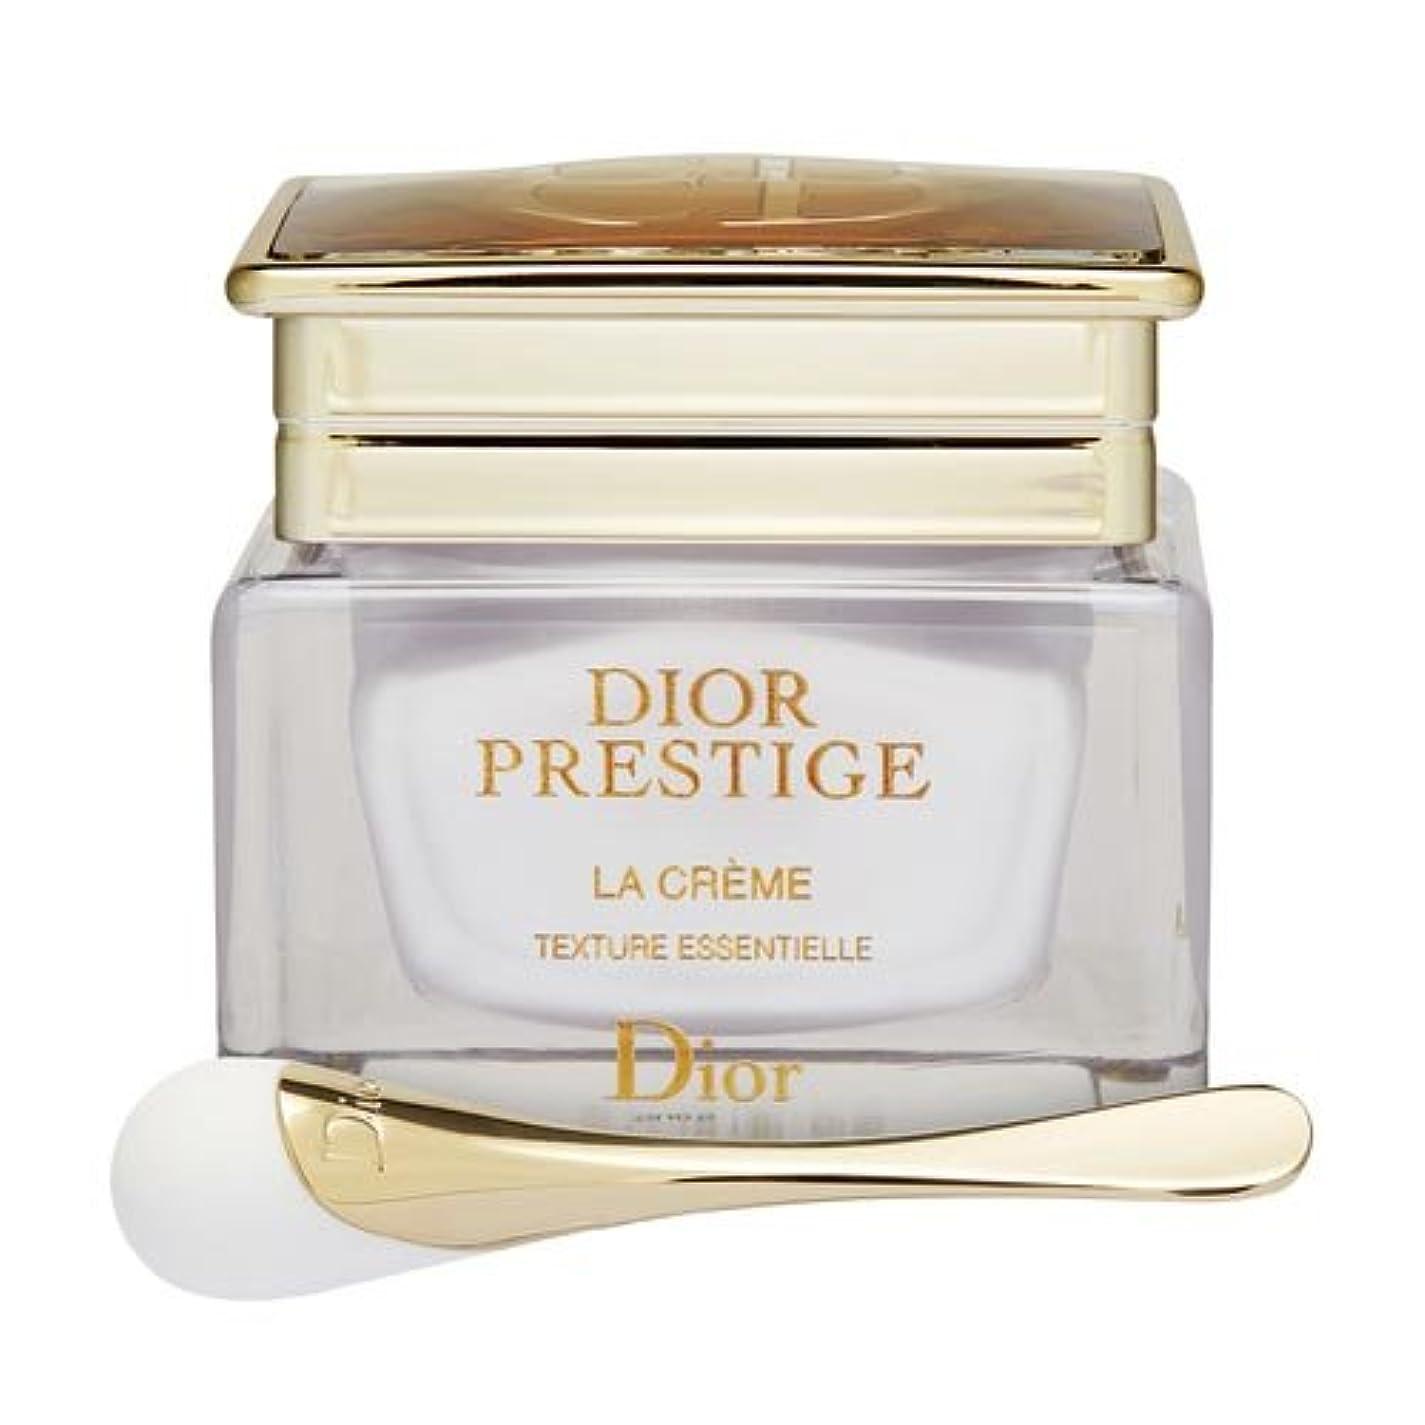 ラボパイント追跡ディオール(Dior) プレステージ ラ クレーム 50ml [並行輸入品]